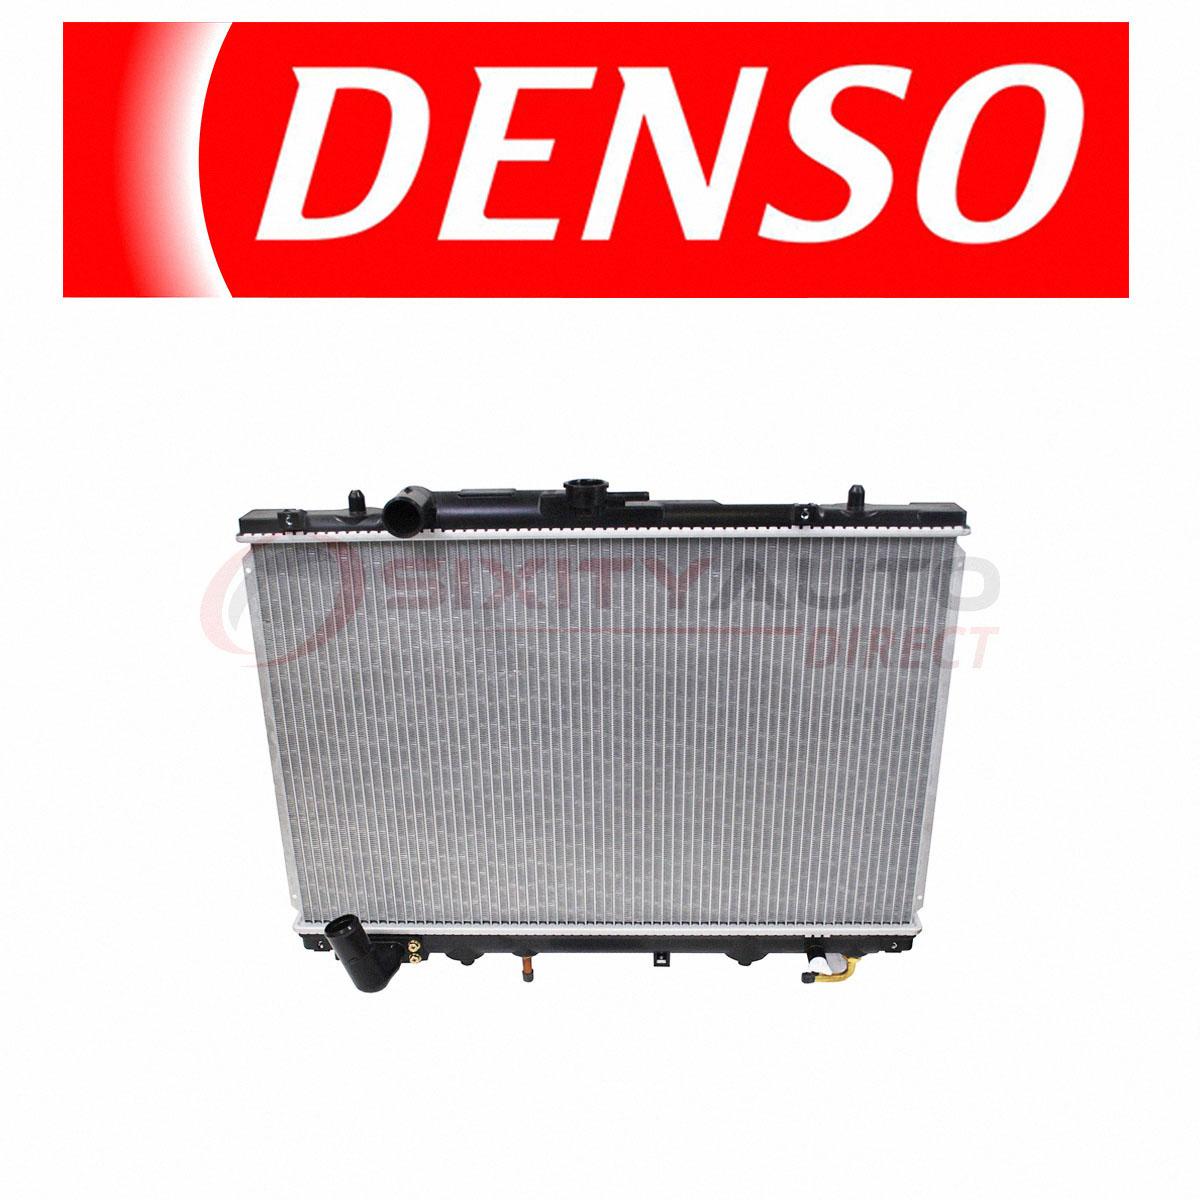 Denso 221-3300 ACCESSORIES